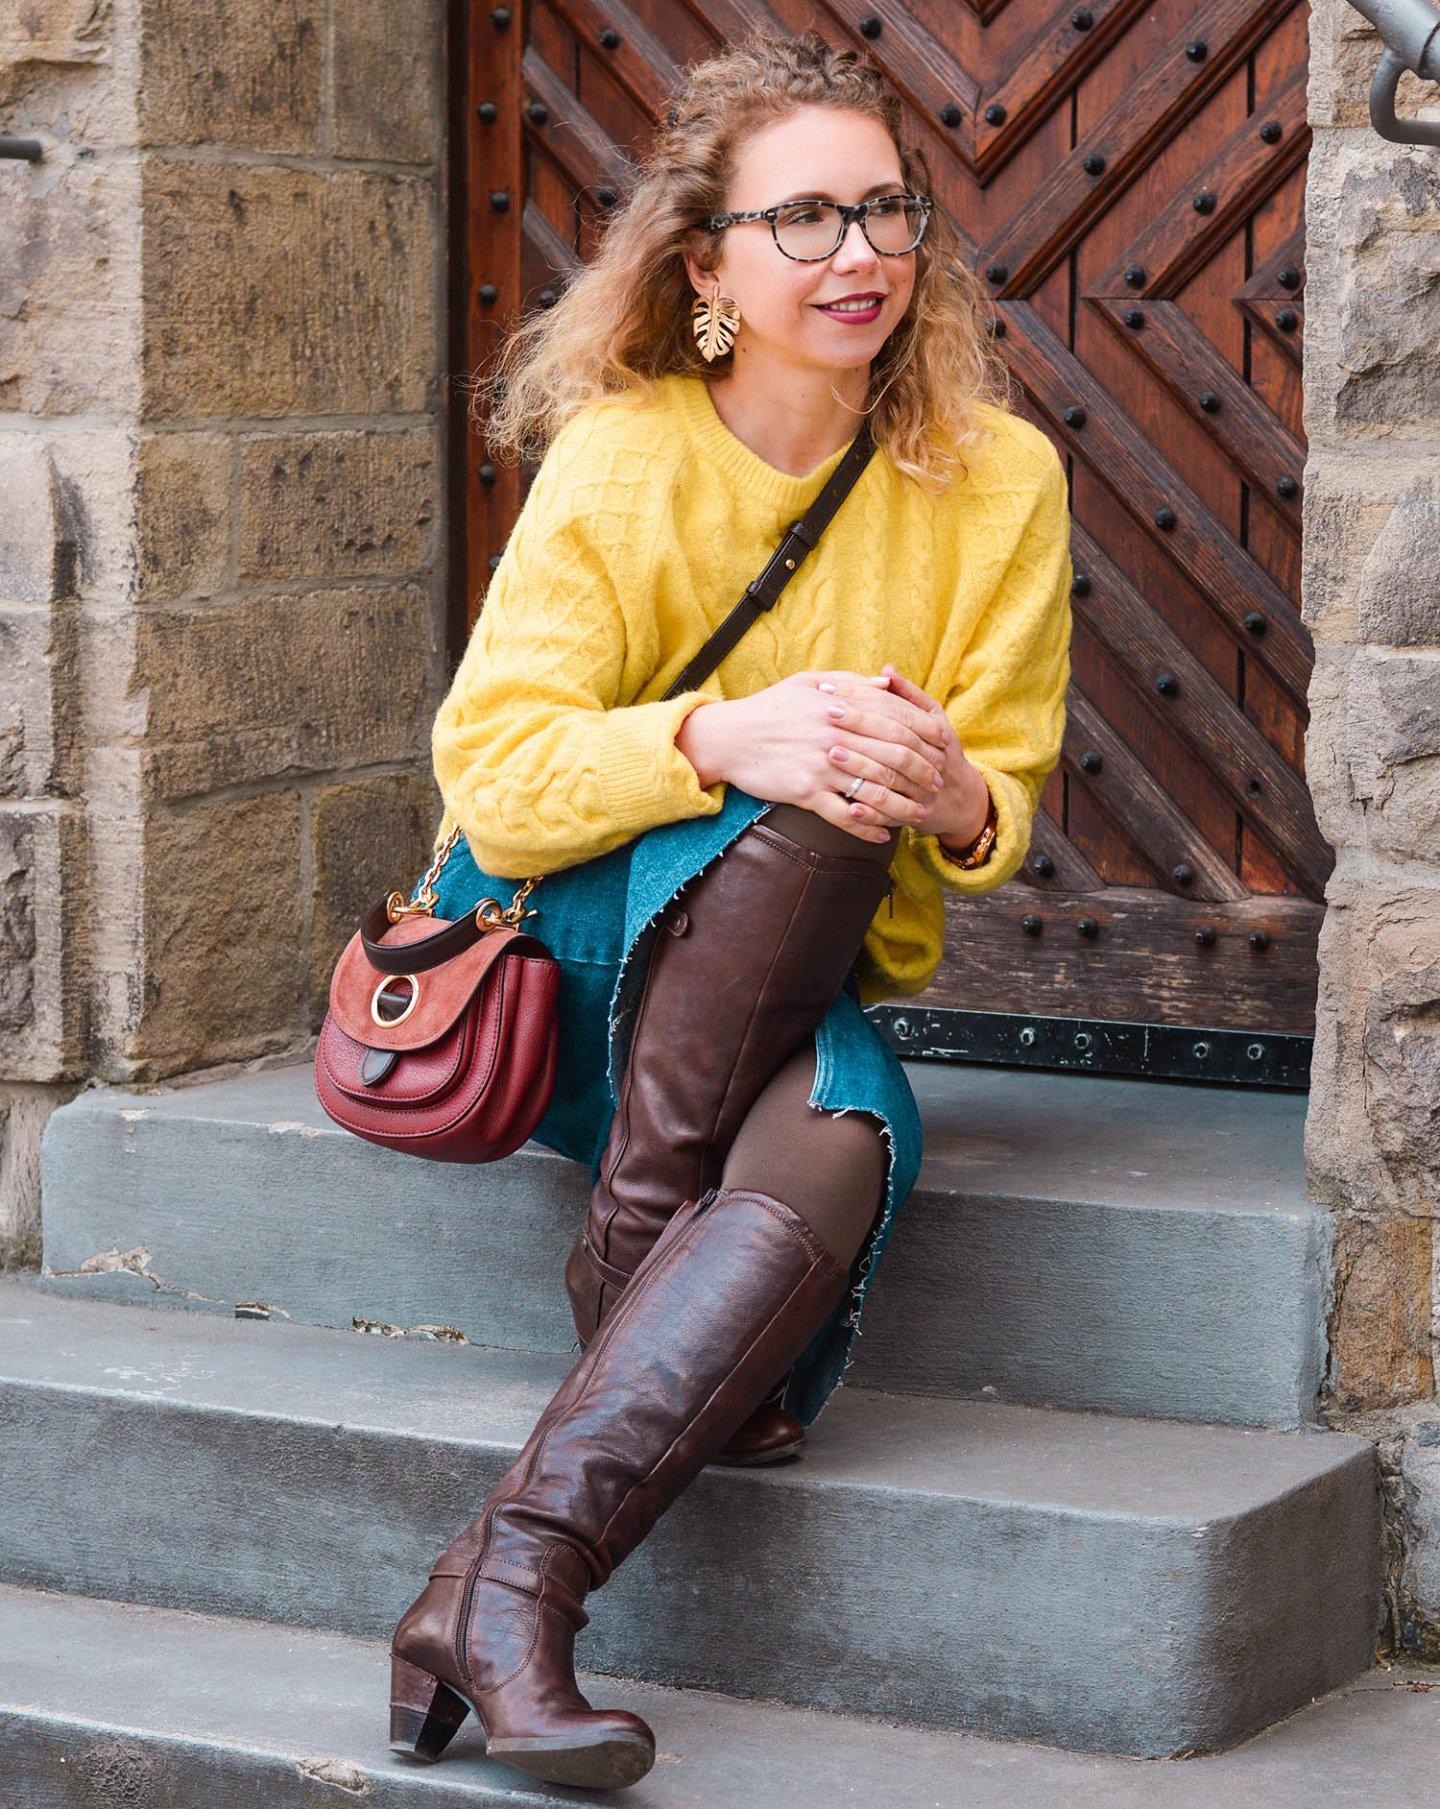 braune Lederstiefel mit Jeansrock und gelbem strick